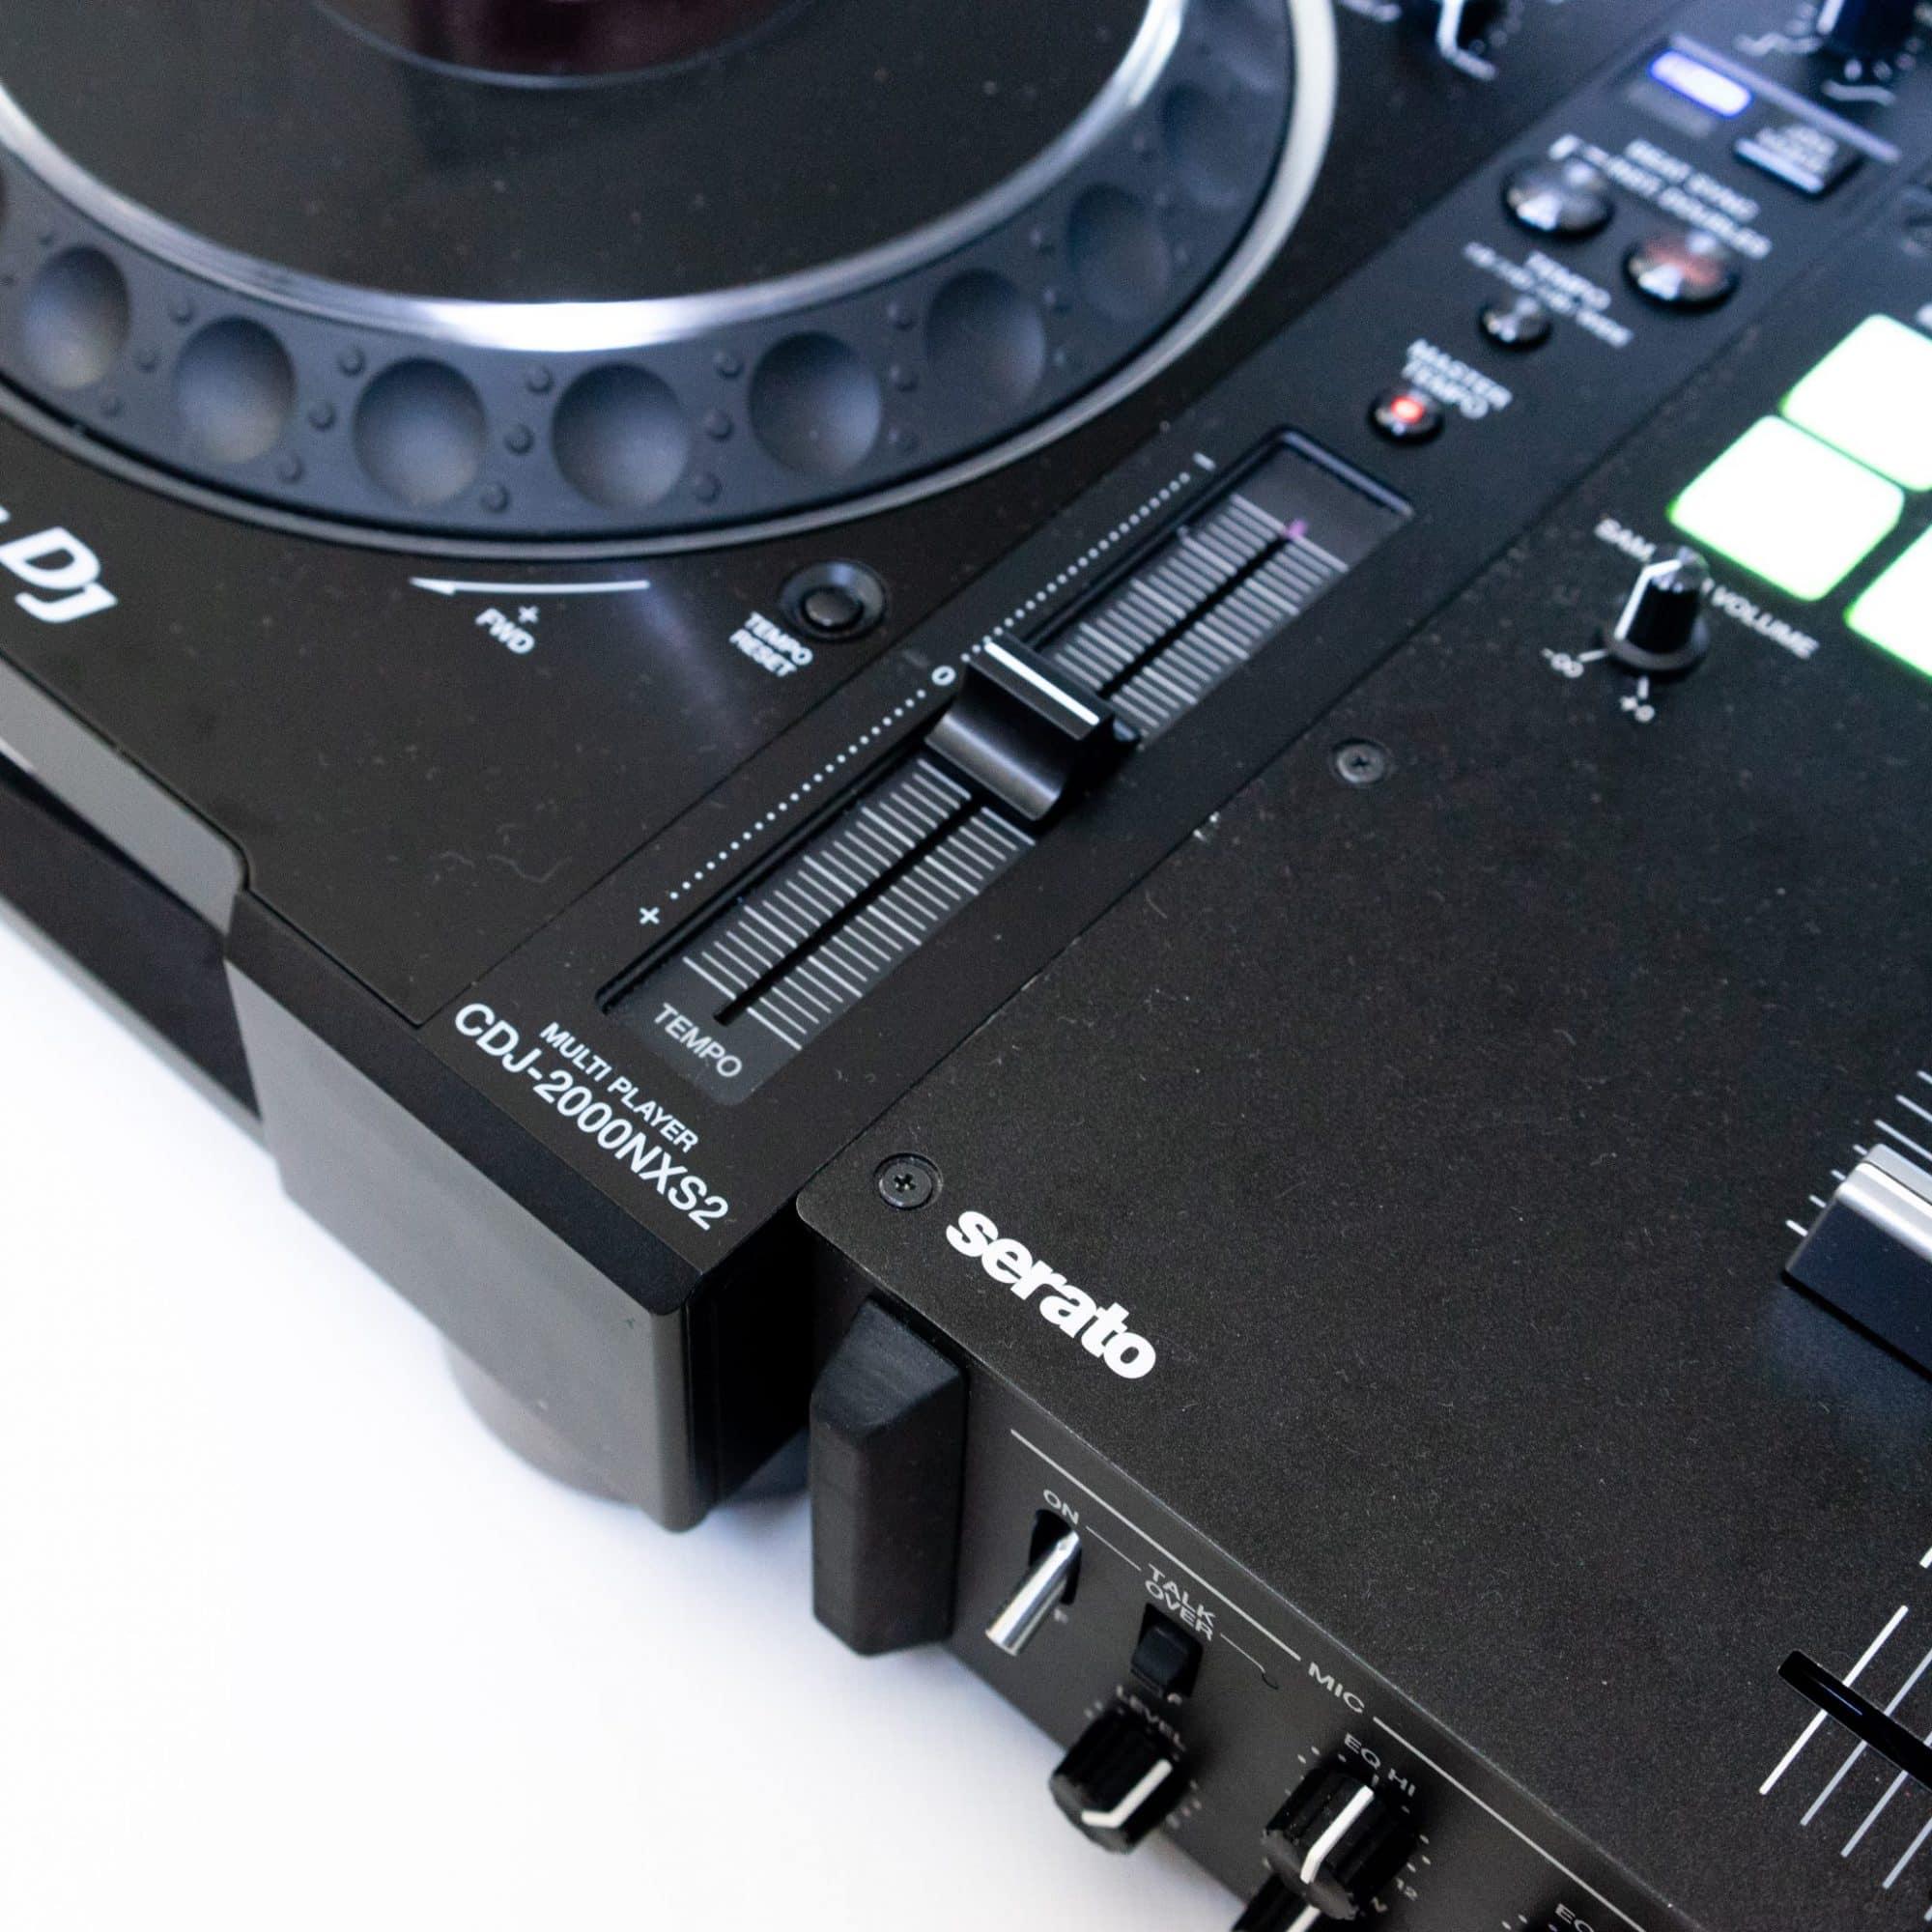 DJ-Set: 2x Pioneer CDJ 2000 NXS2 + 1x DJM S9